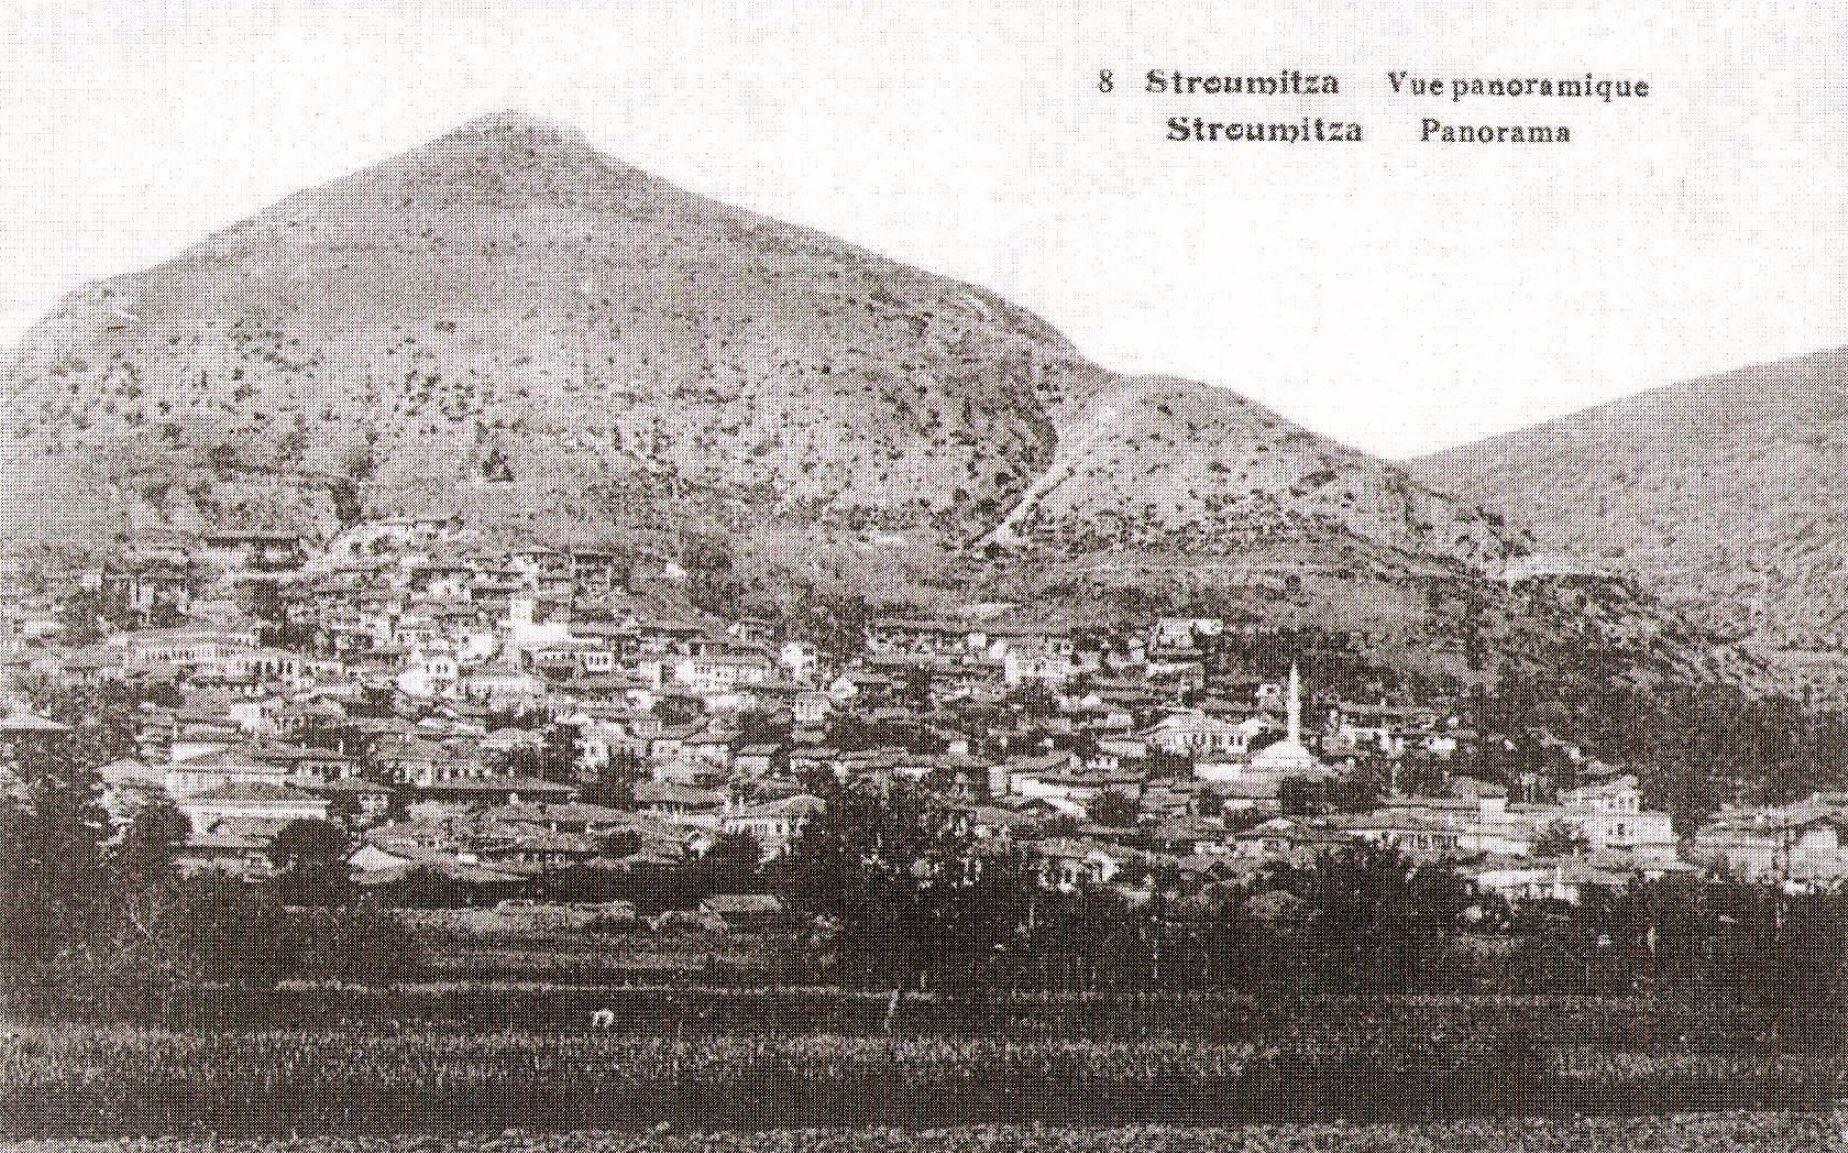 Στρώμνιτσα Βόρειας Μακεδονίας